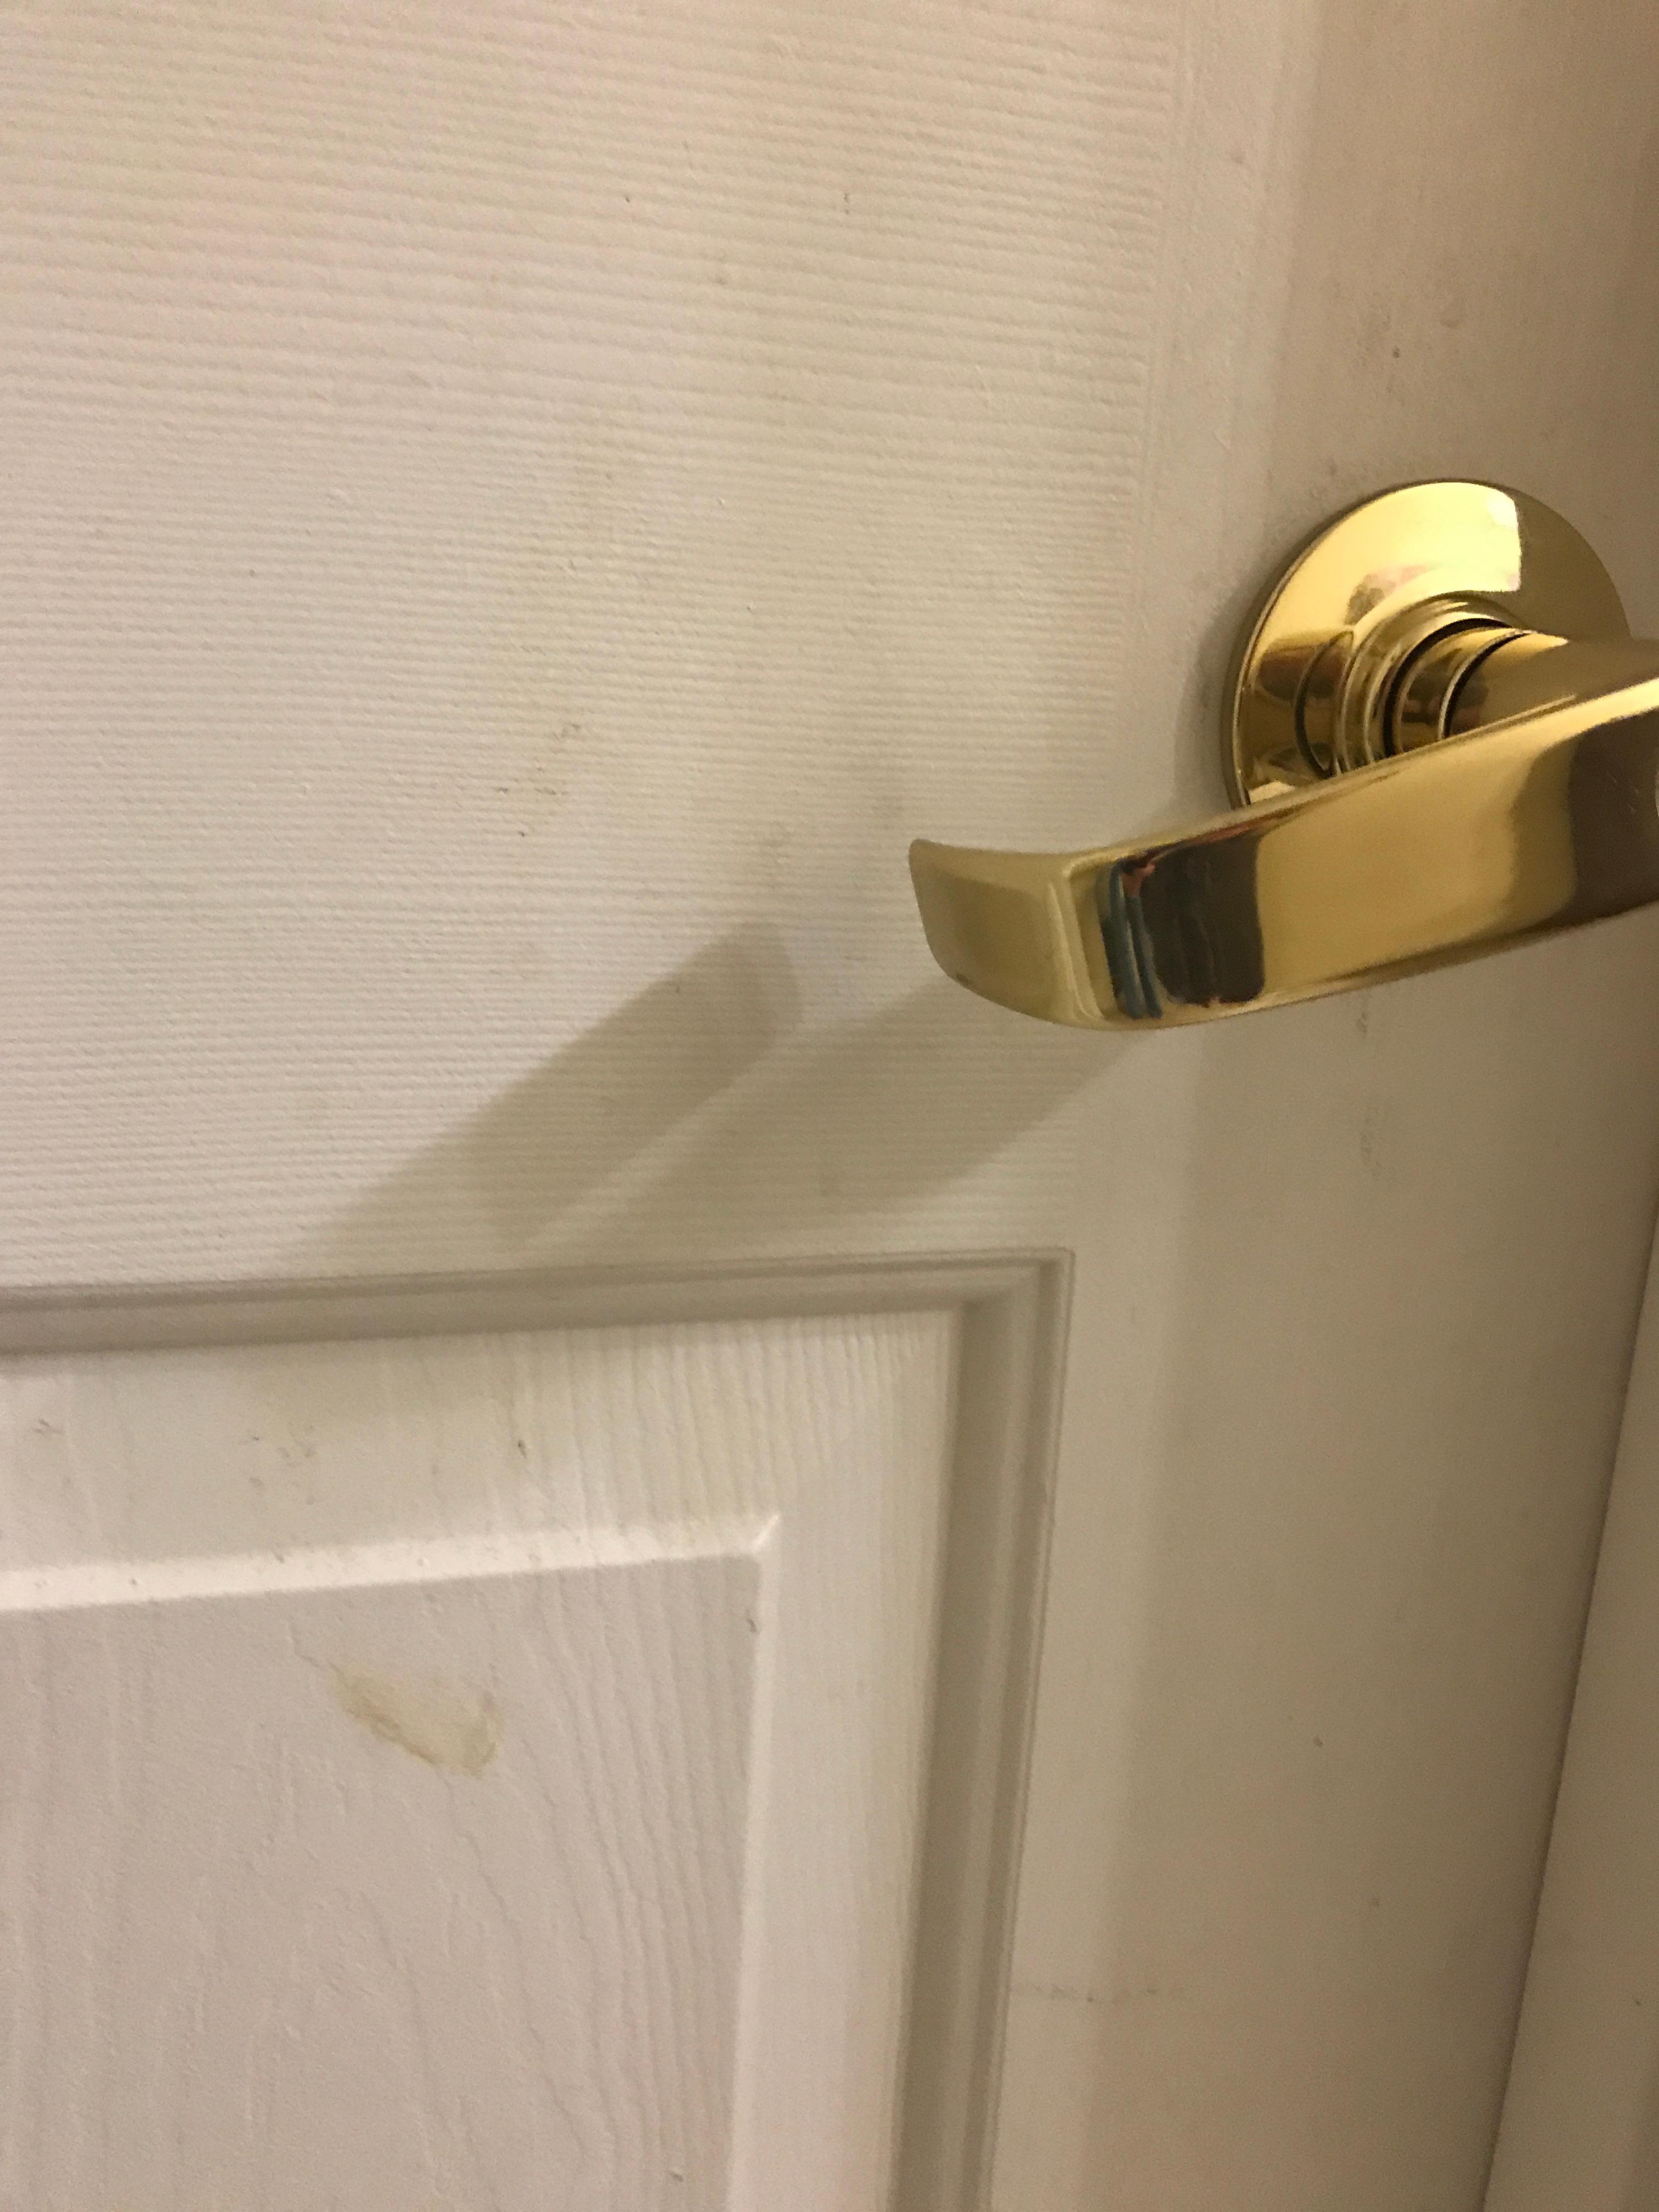 Dirty door surface